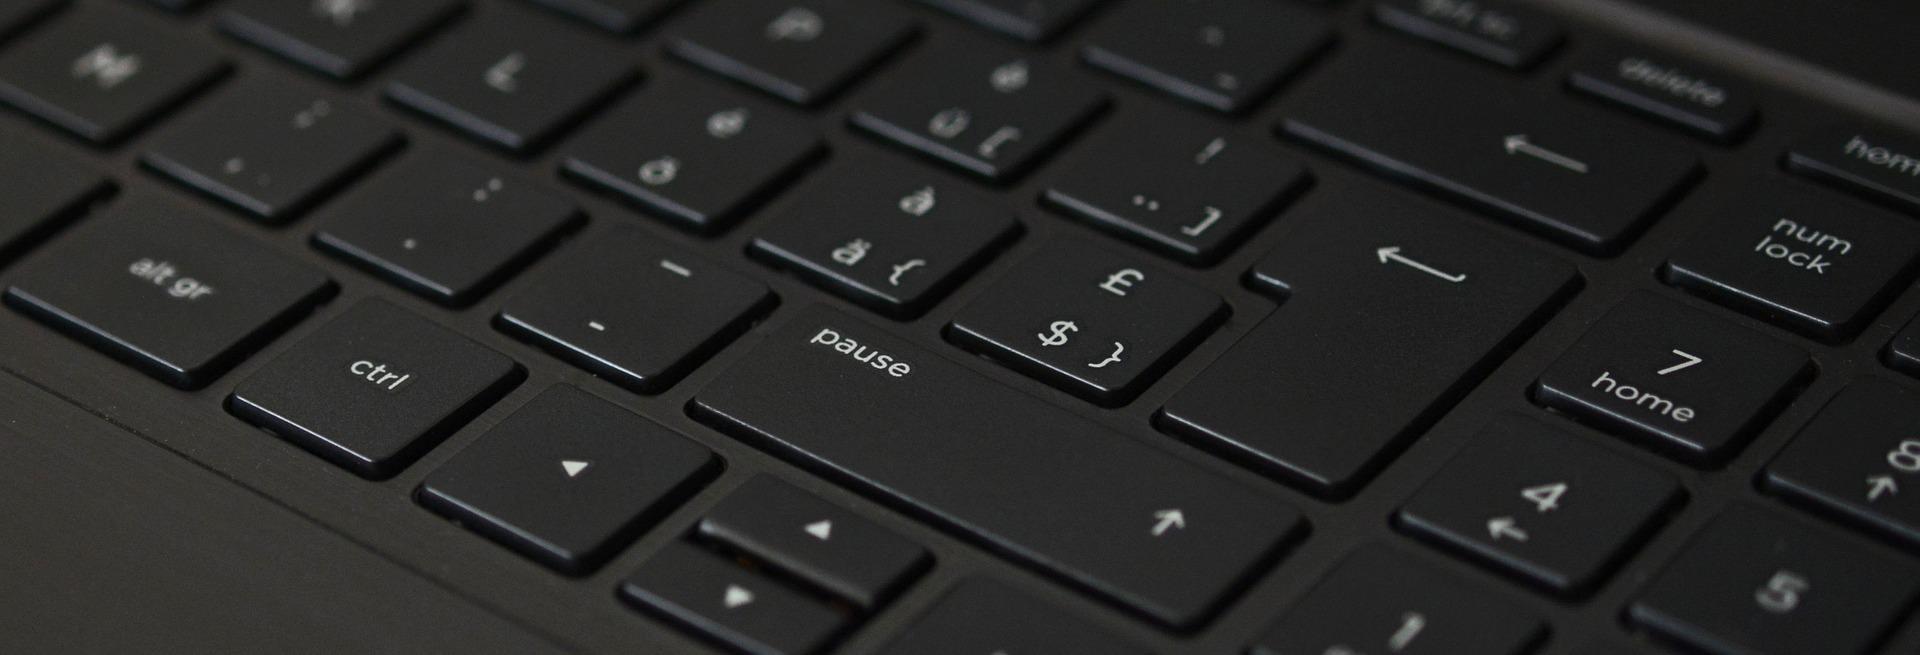 Russische Tastatur Download Chip